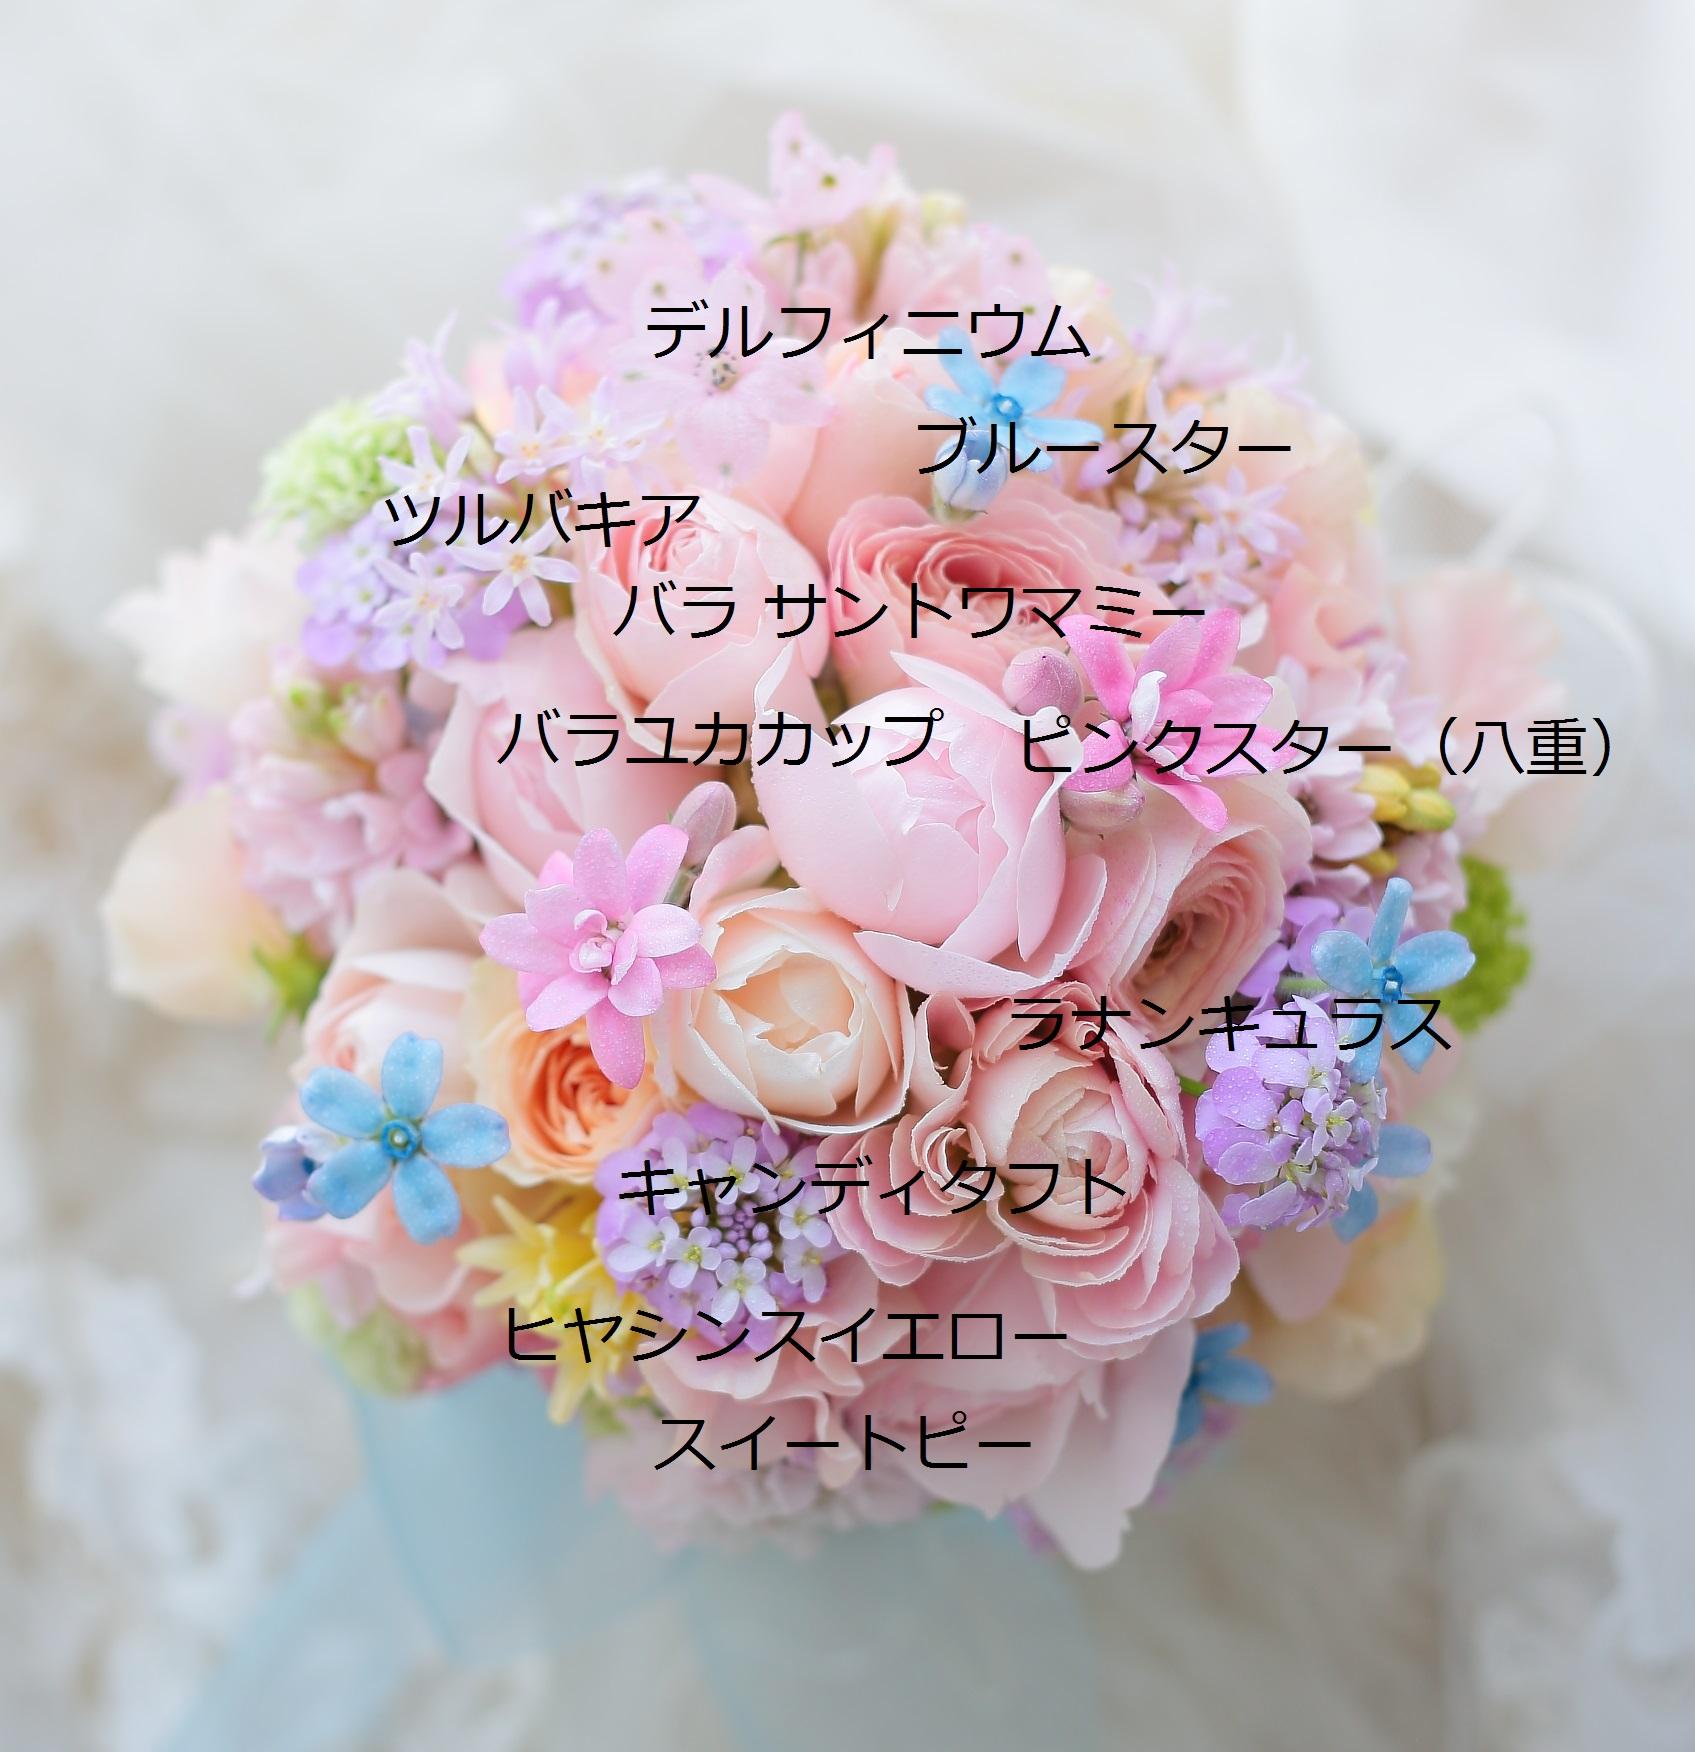 クラッチブーケ パレスホテル東京様へ ある日、暗がりに_a0042928_2238464.jpg